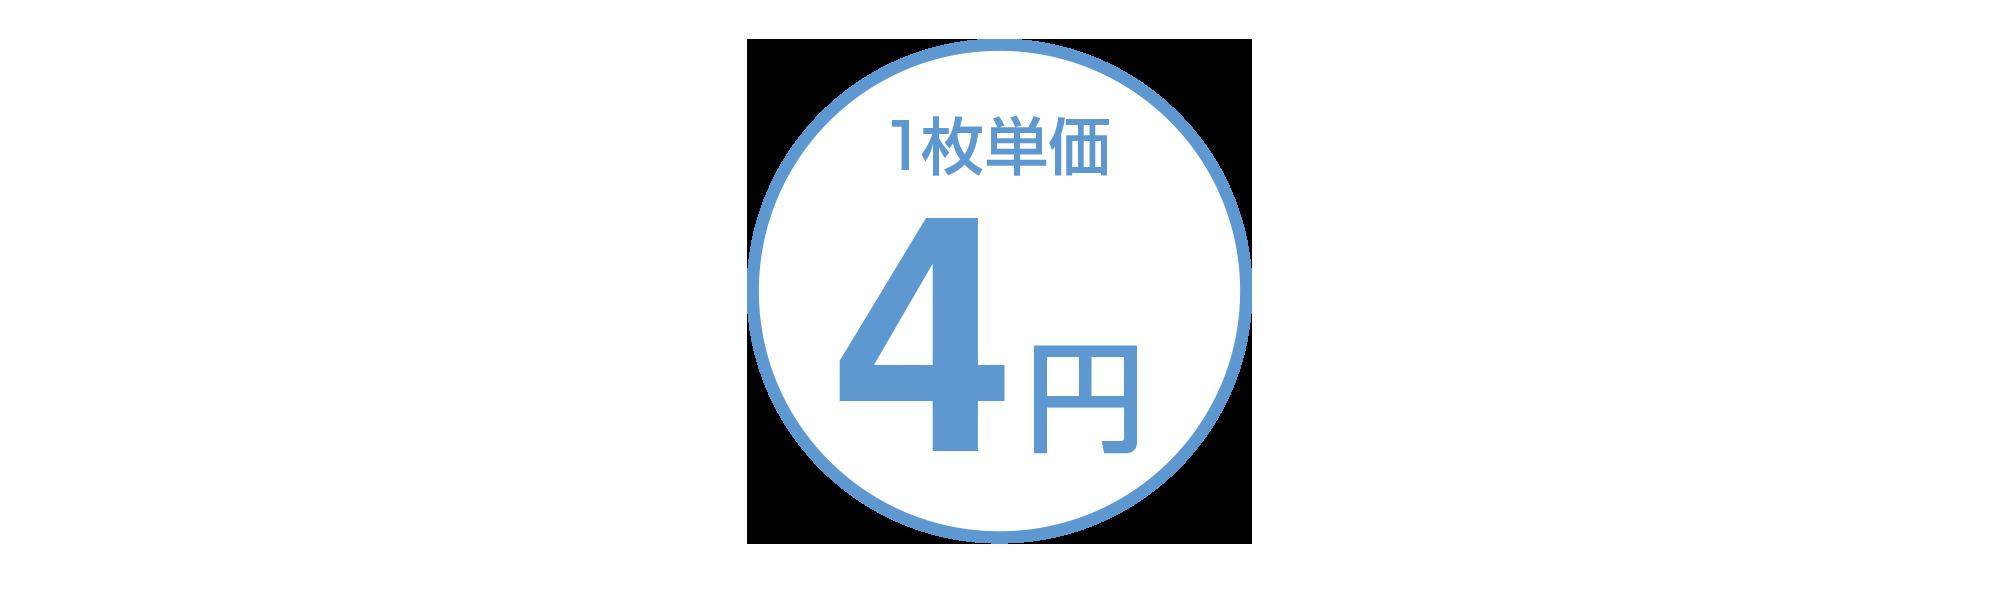 06値段2.png